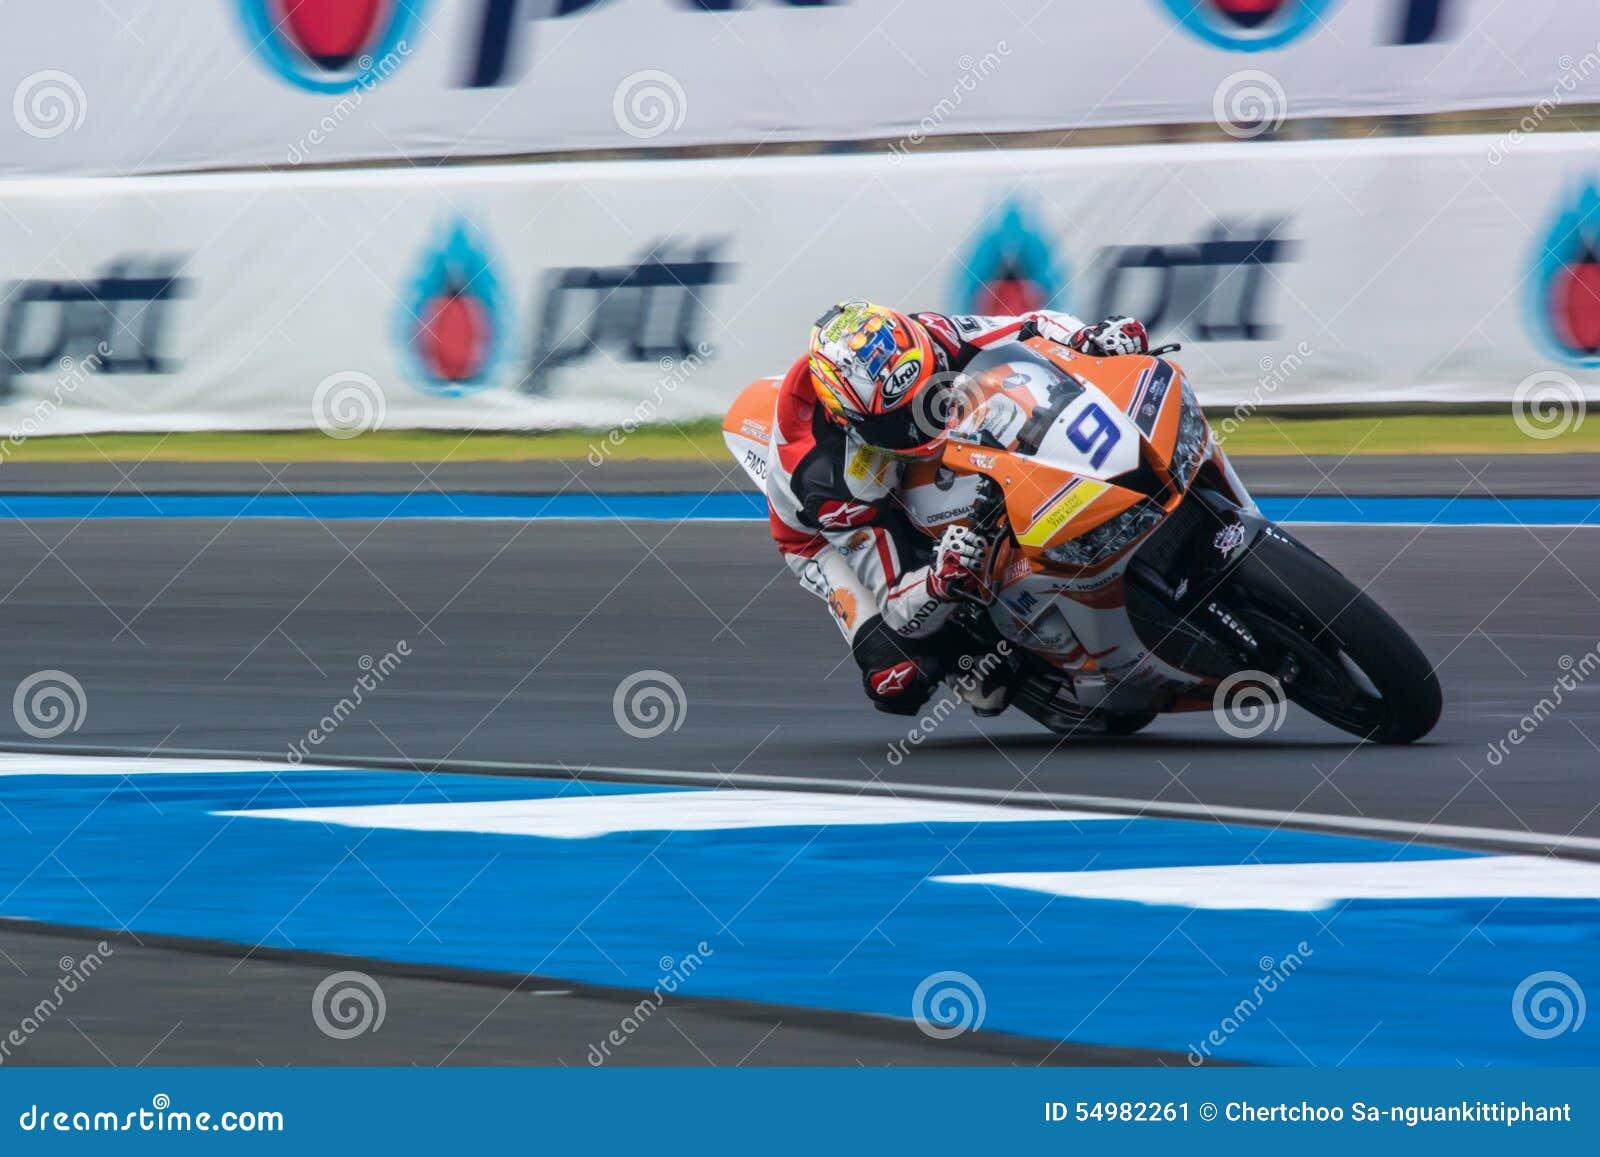 WSBK2015 - Round2 - Chang International Circuits, Buriram, Thailand